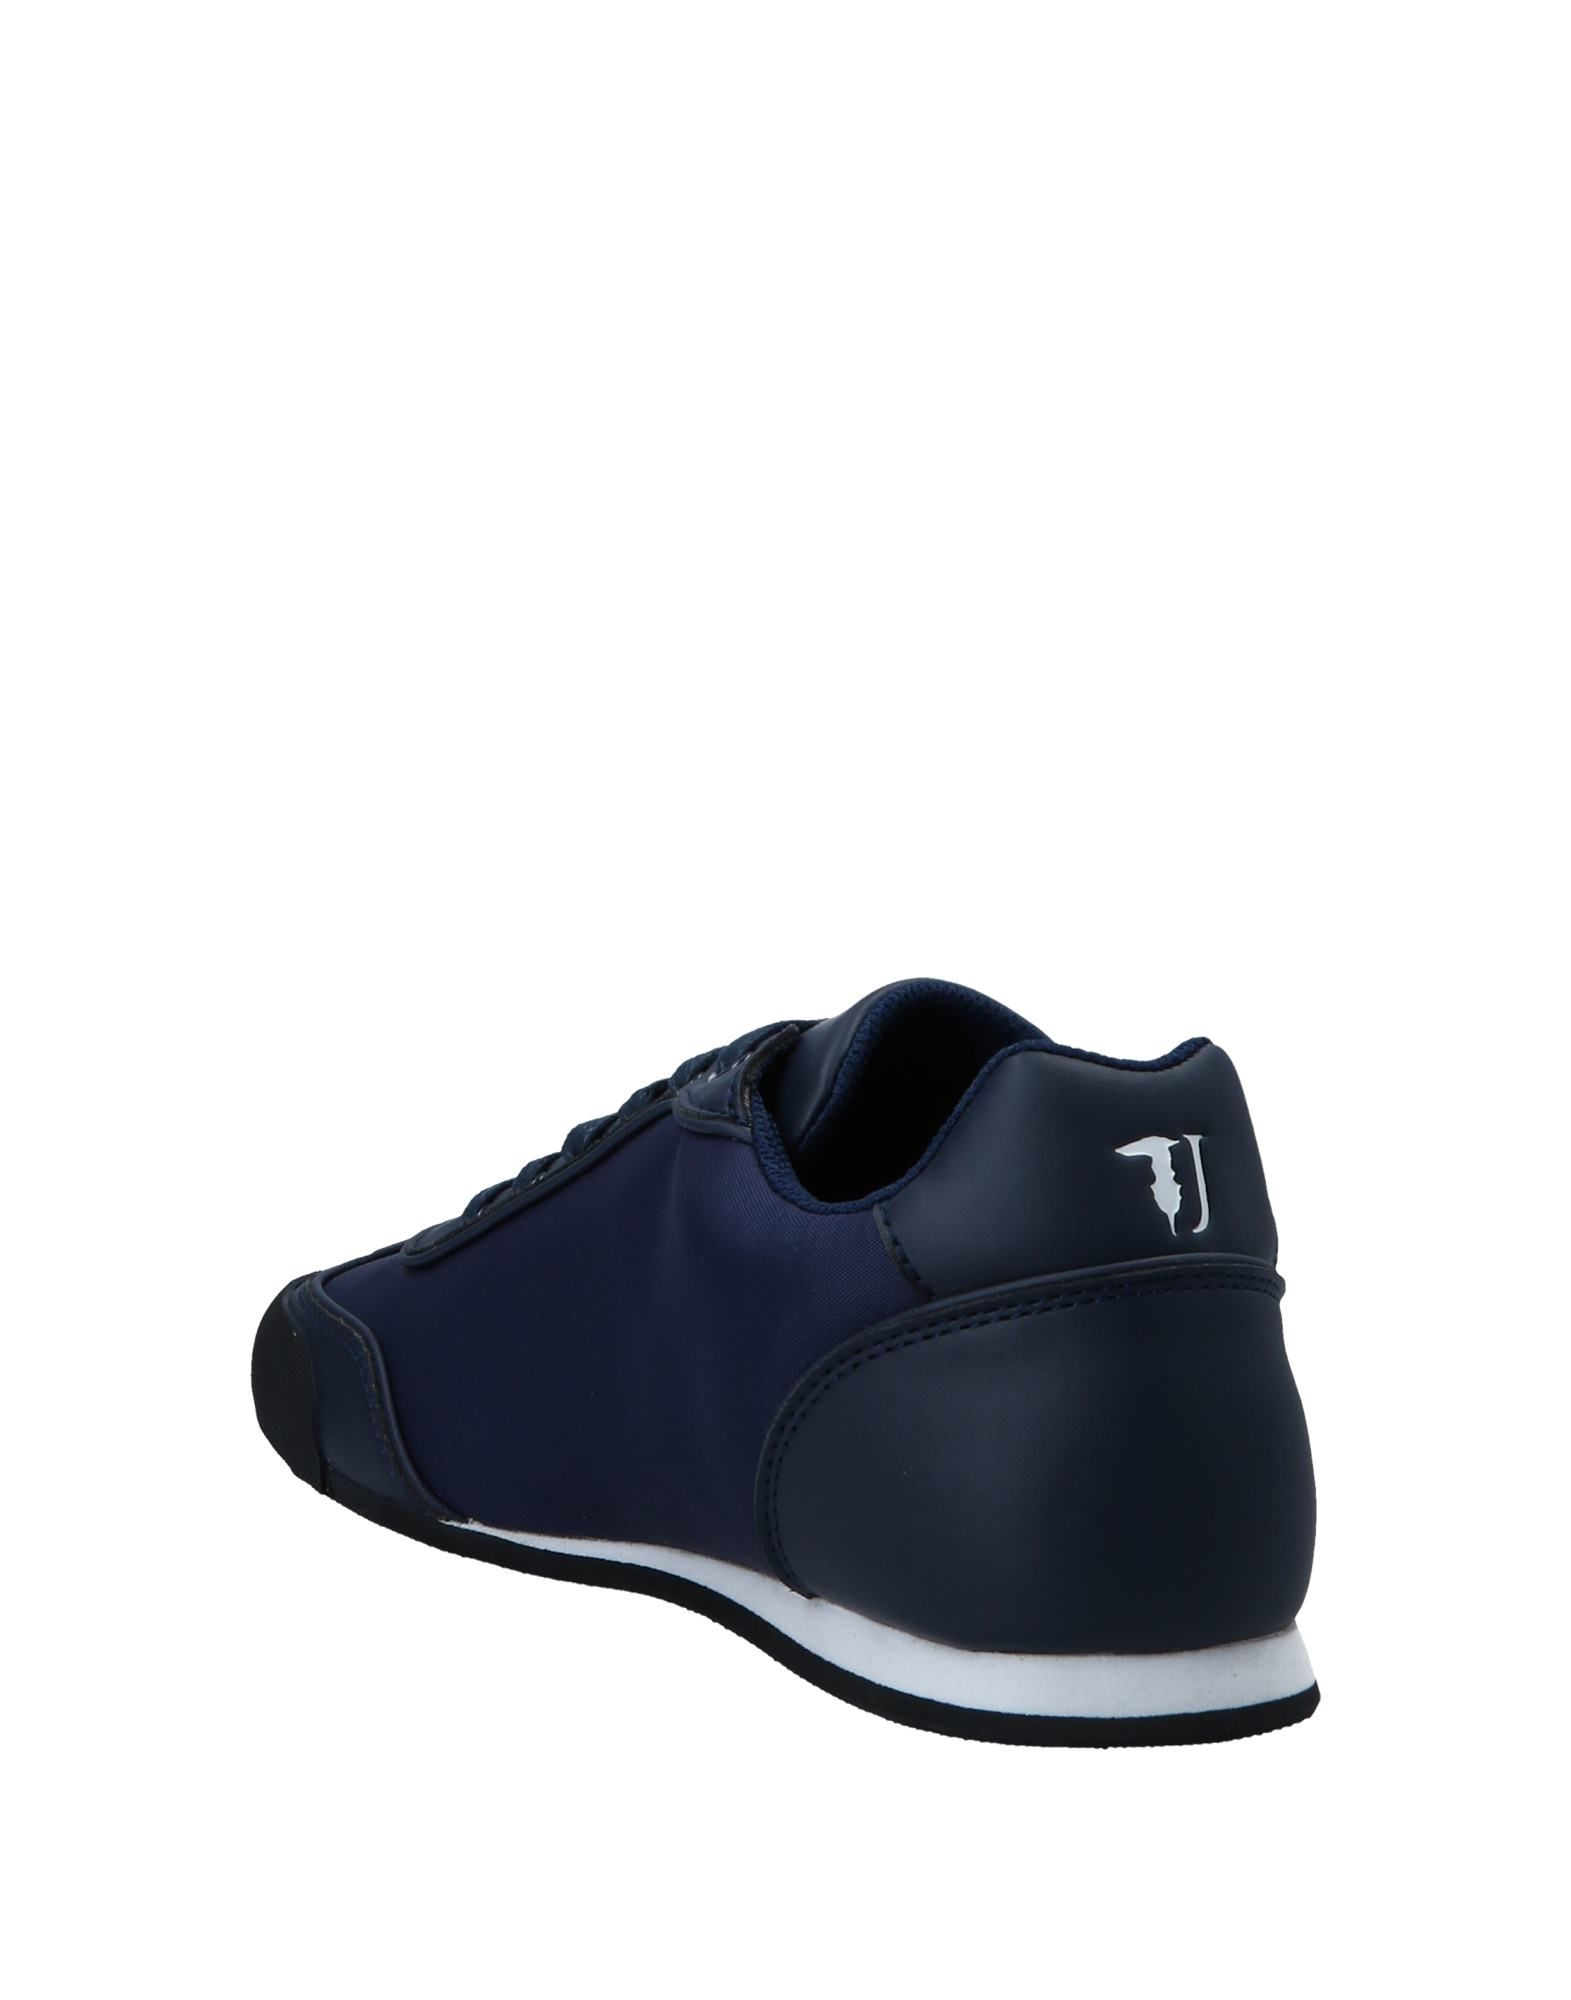 Trussardi Jeans Herren Sneakers Herren Jeans  11546052FE 14f60d